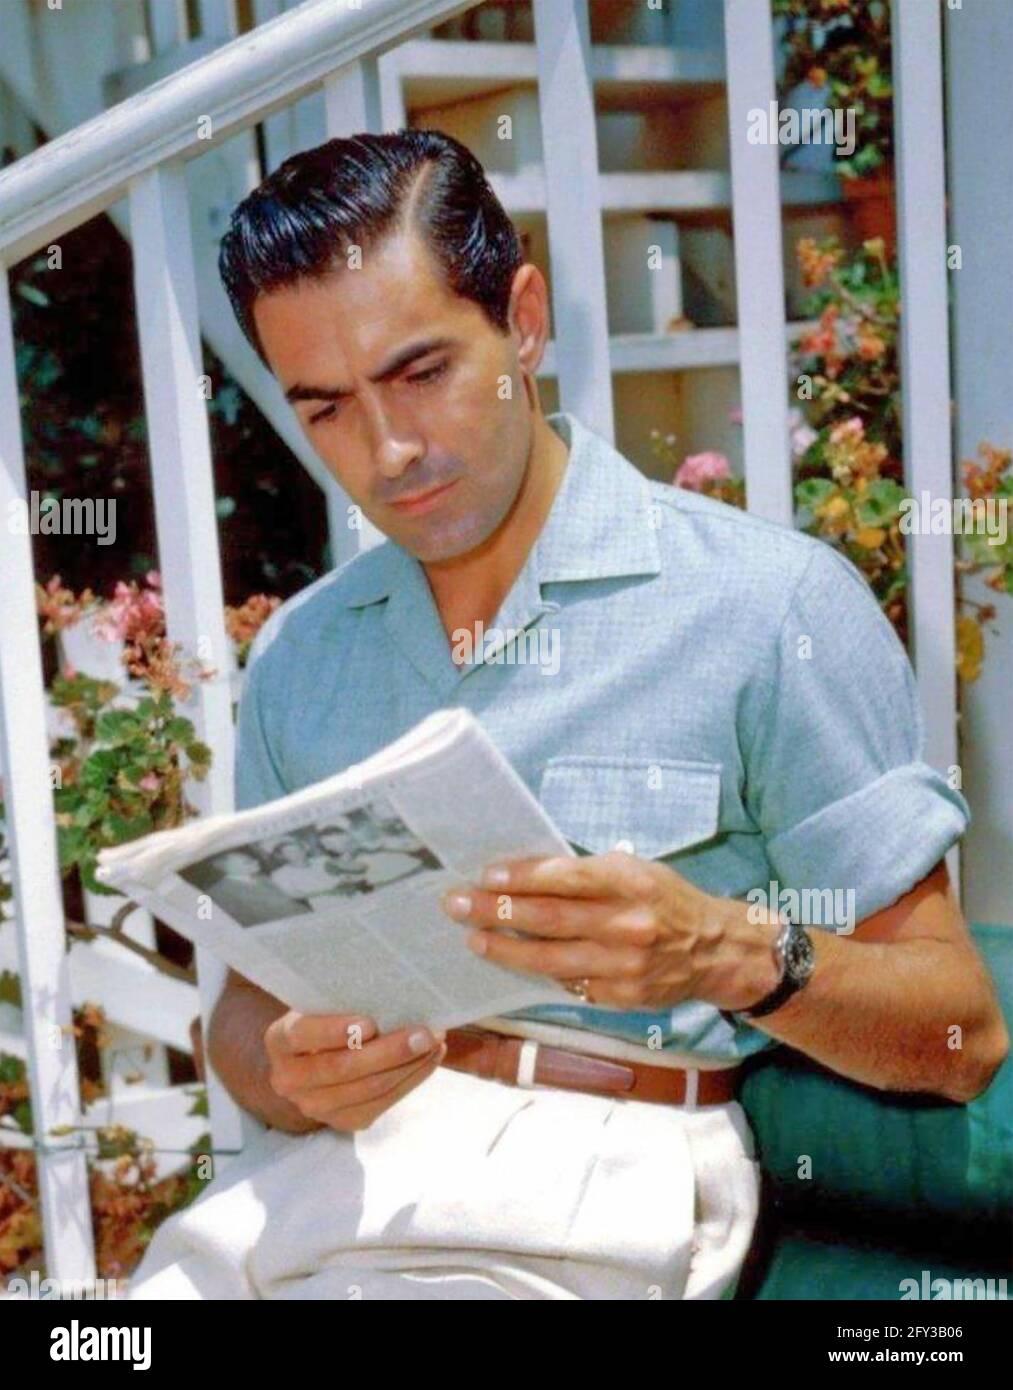 TYRONE POWER (1914-1958) amerikanischer Filmschauspieler um 1945 Stockfoto